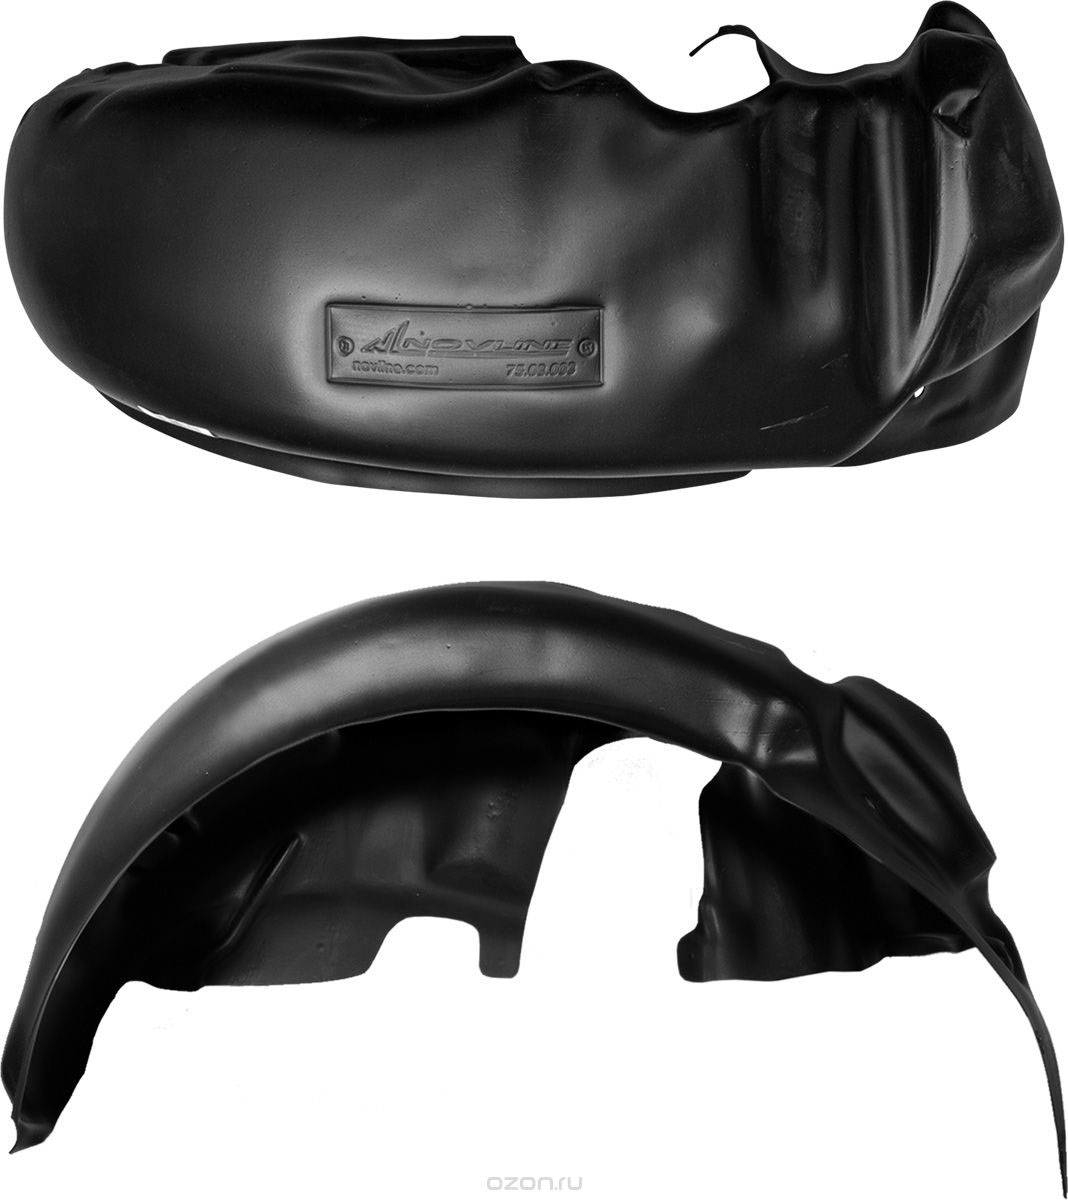 Подкрылок Novline-Autofamily, для DongFeng S30, 03/2014->, ET вылет 21-25, задний правыйNLL.96.02.004Идеальная защита колесной ниши. Локеры разработаны с применением цифровых технологий, гарантируют максимальную повторяемость поверхности арки. Изделия устанавливаются без нарушения лакокрасочного покрытия автомобиля, каждый подкрылок комплектуется крепежом. Уважаемые клиенты, обращаем ваше внимание, что фотографии на подкрылки универсальные и не отражают реальную форму изделия. При этом само изделие идет точно под размер указанного автомобиля.